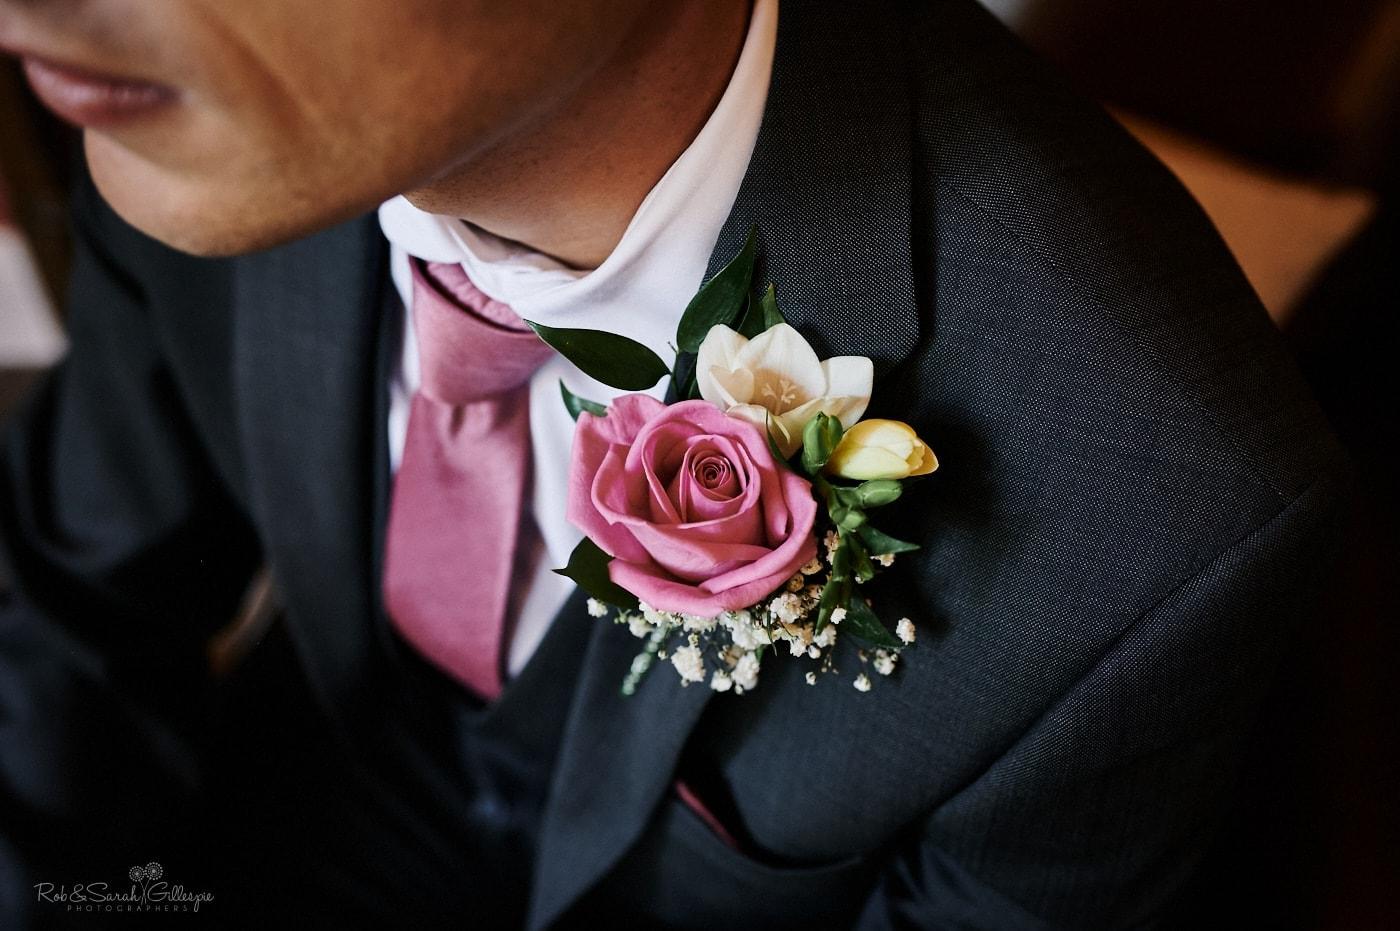 Groom's buttonhole flower